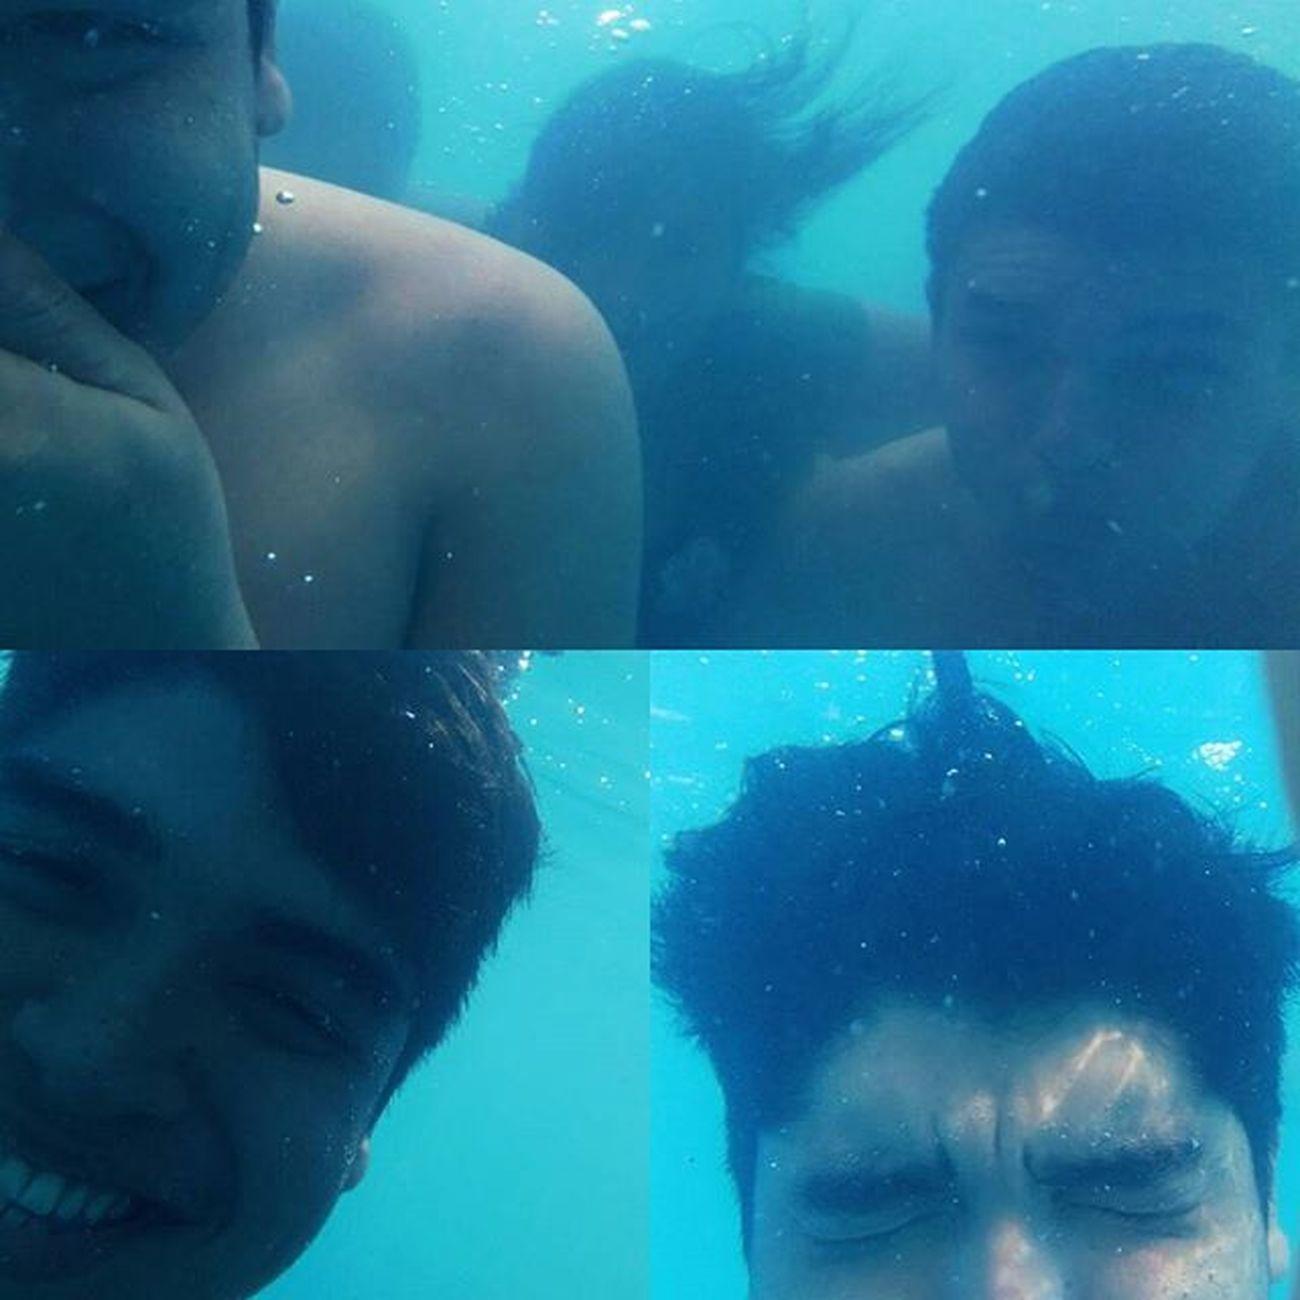 Bajo el agua 💦 Piscina Amigos Divercion Agua XPERIA Xperiam4 Sony Happy😄 Imcarlosramirez